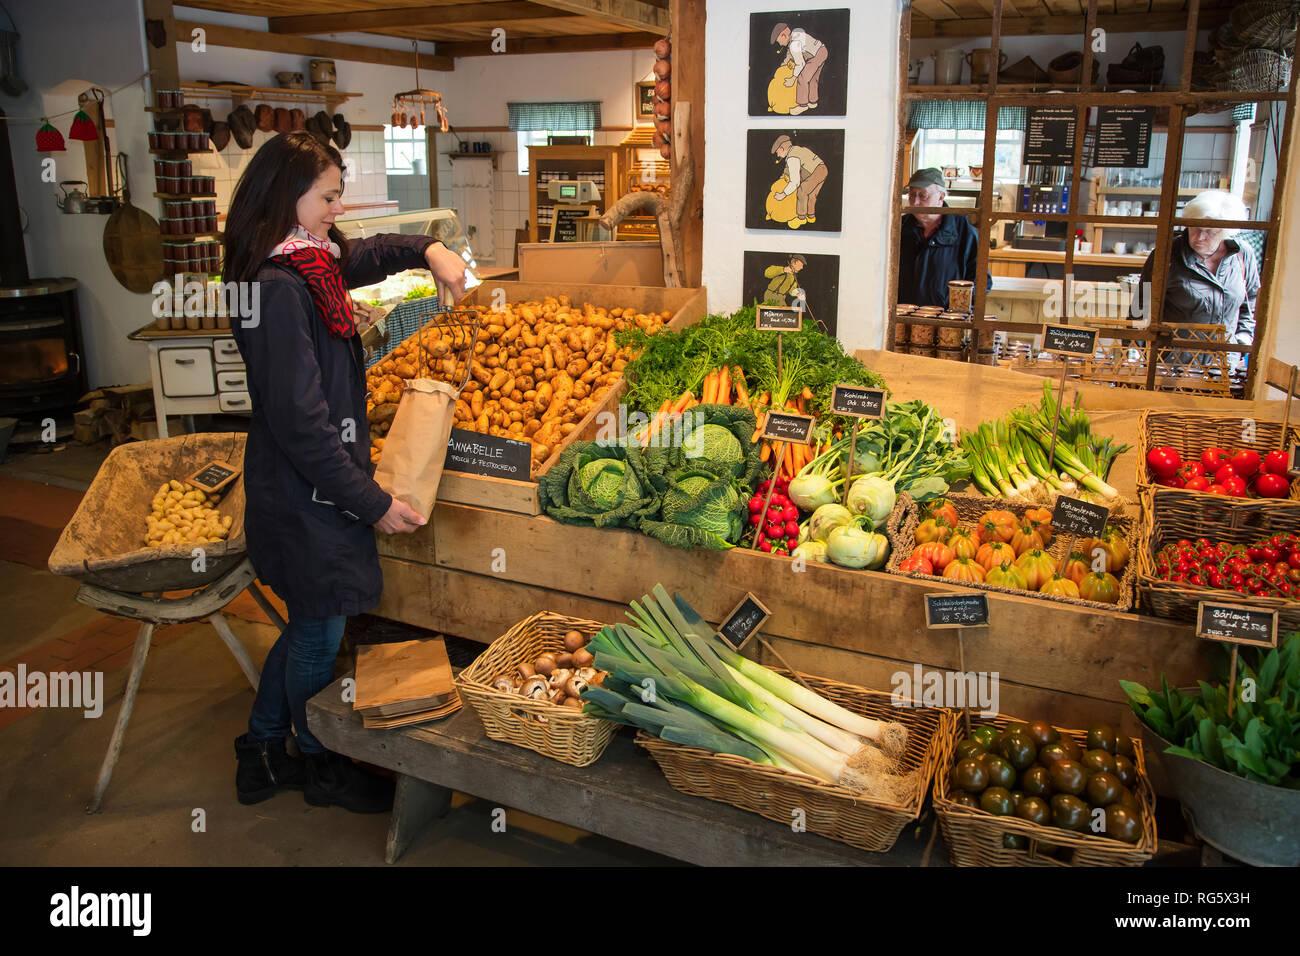 Customer buys potatoes in farm shop, asparagus yard Schulte-Scherlebeck, Kundin kauft Kartoffeln im Hofladen, Spargelhof Schulte-Scherlebeck Stock Photo